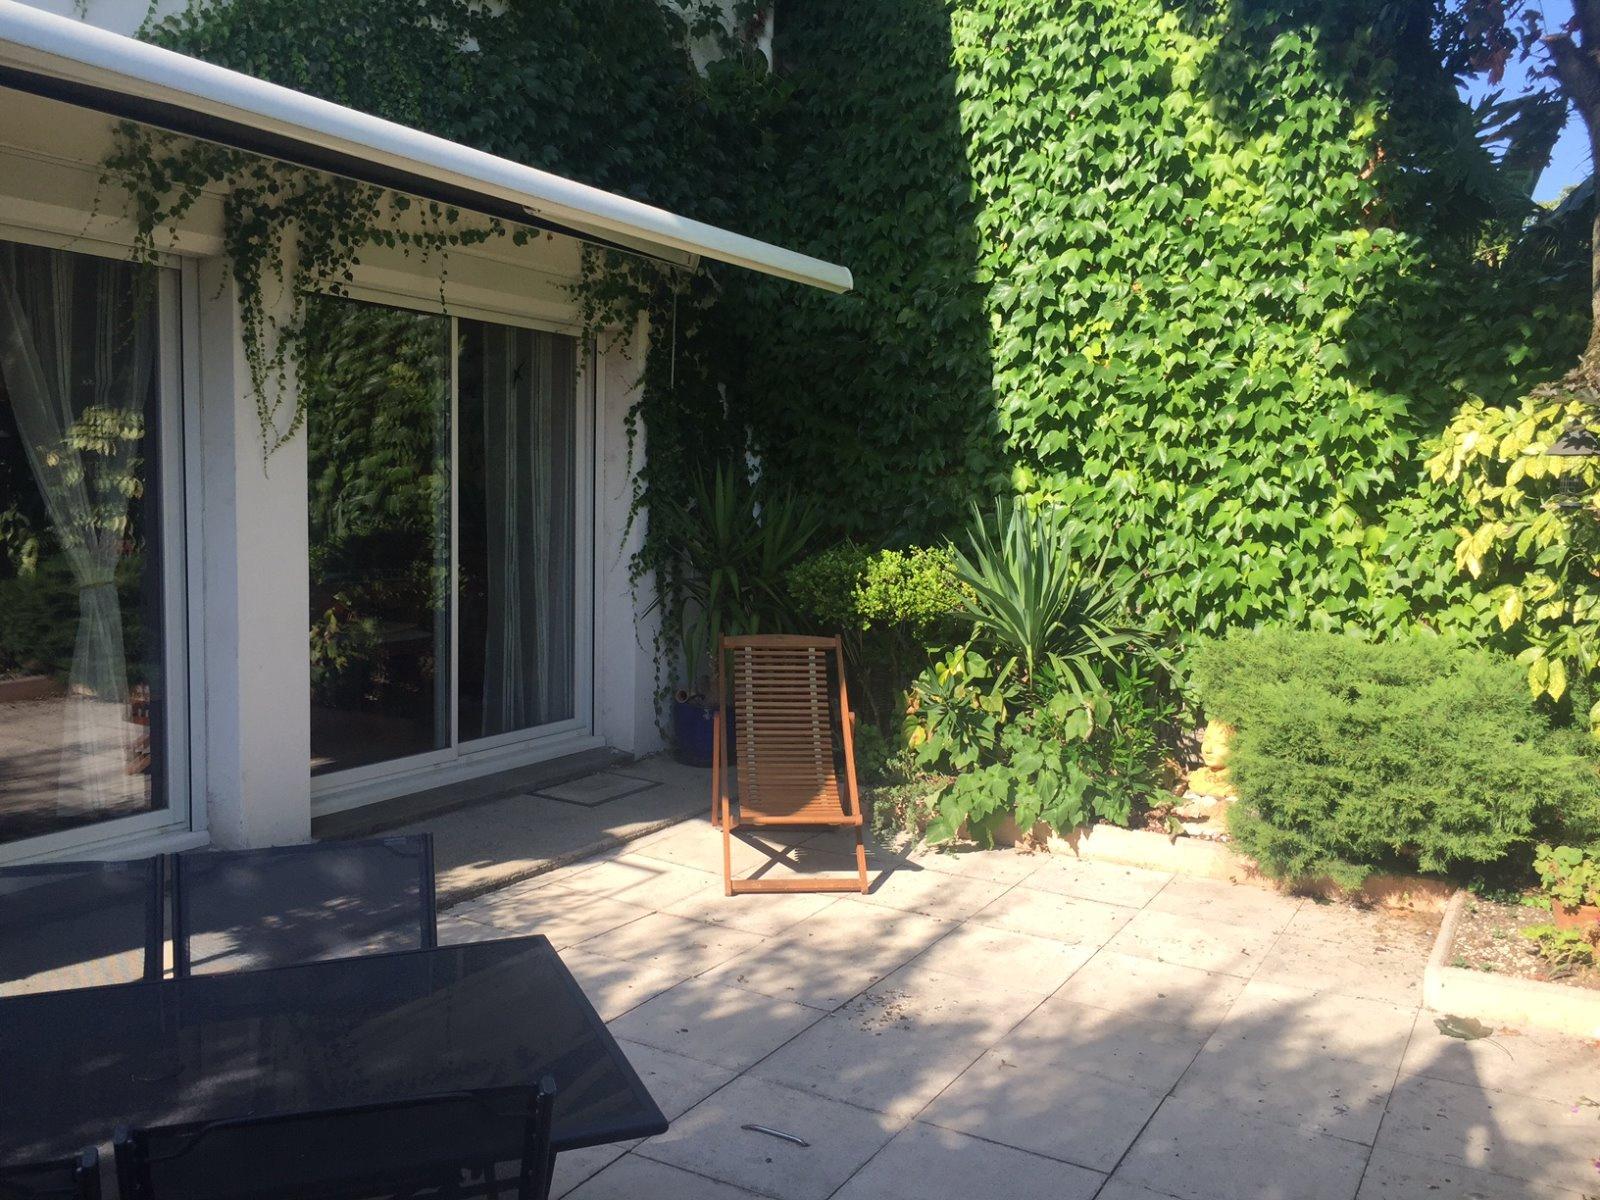 Maison minimes toulouse finest location maisonvilla for Location garage toulouse minimes